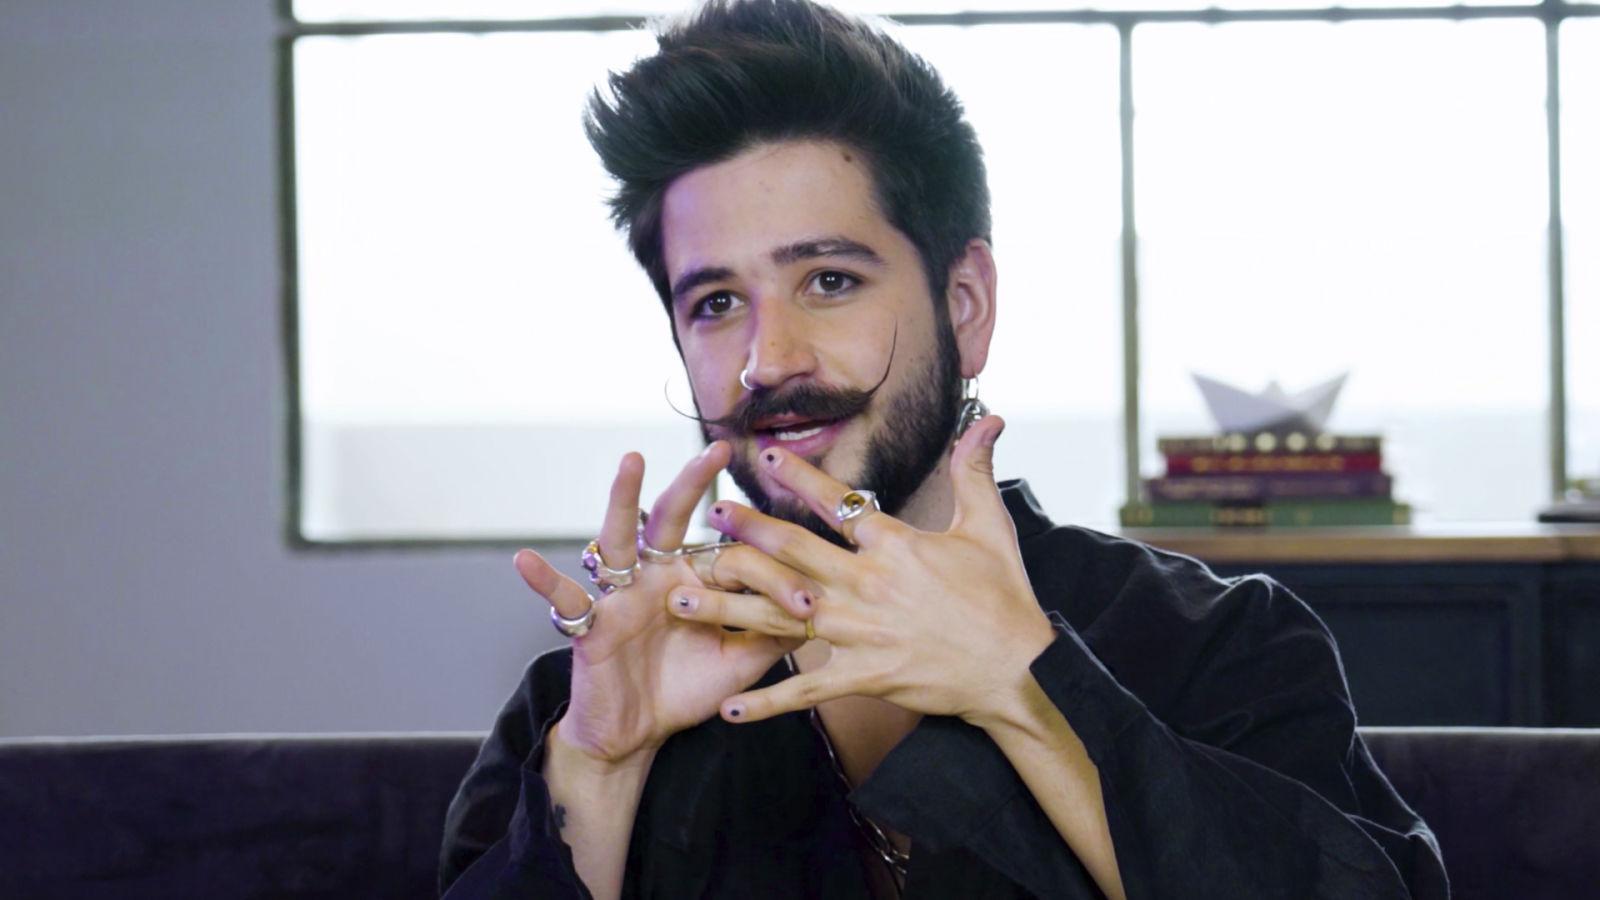 Camilo explica el significado de sus tatuajes y joyas